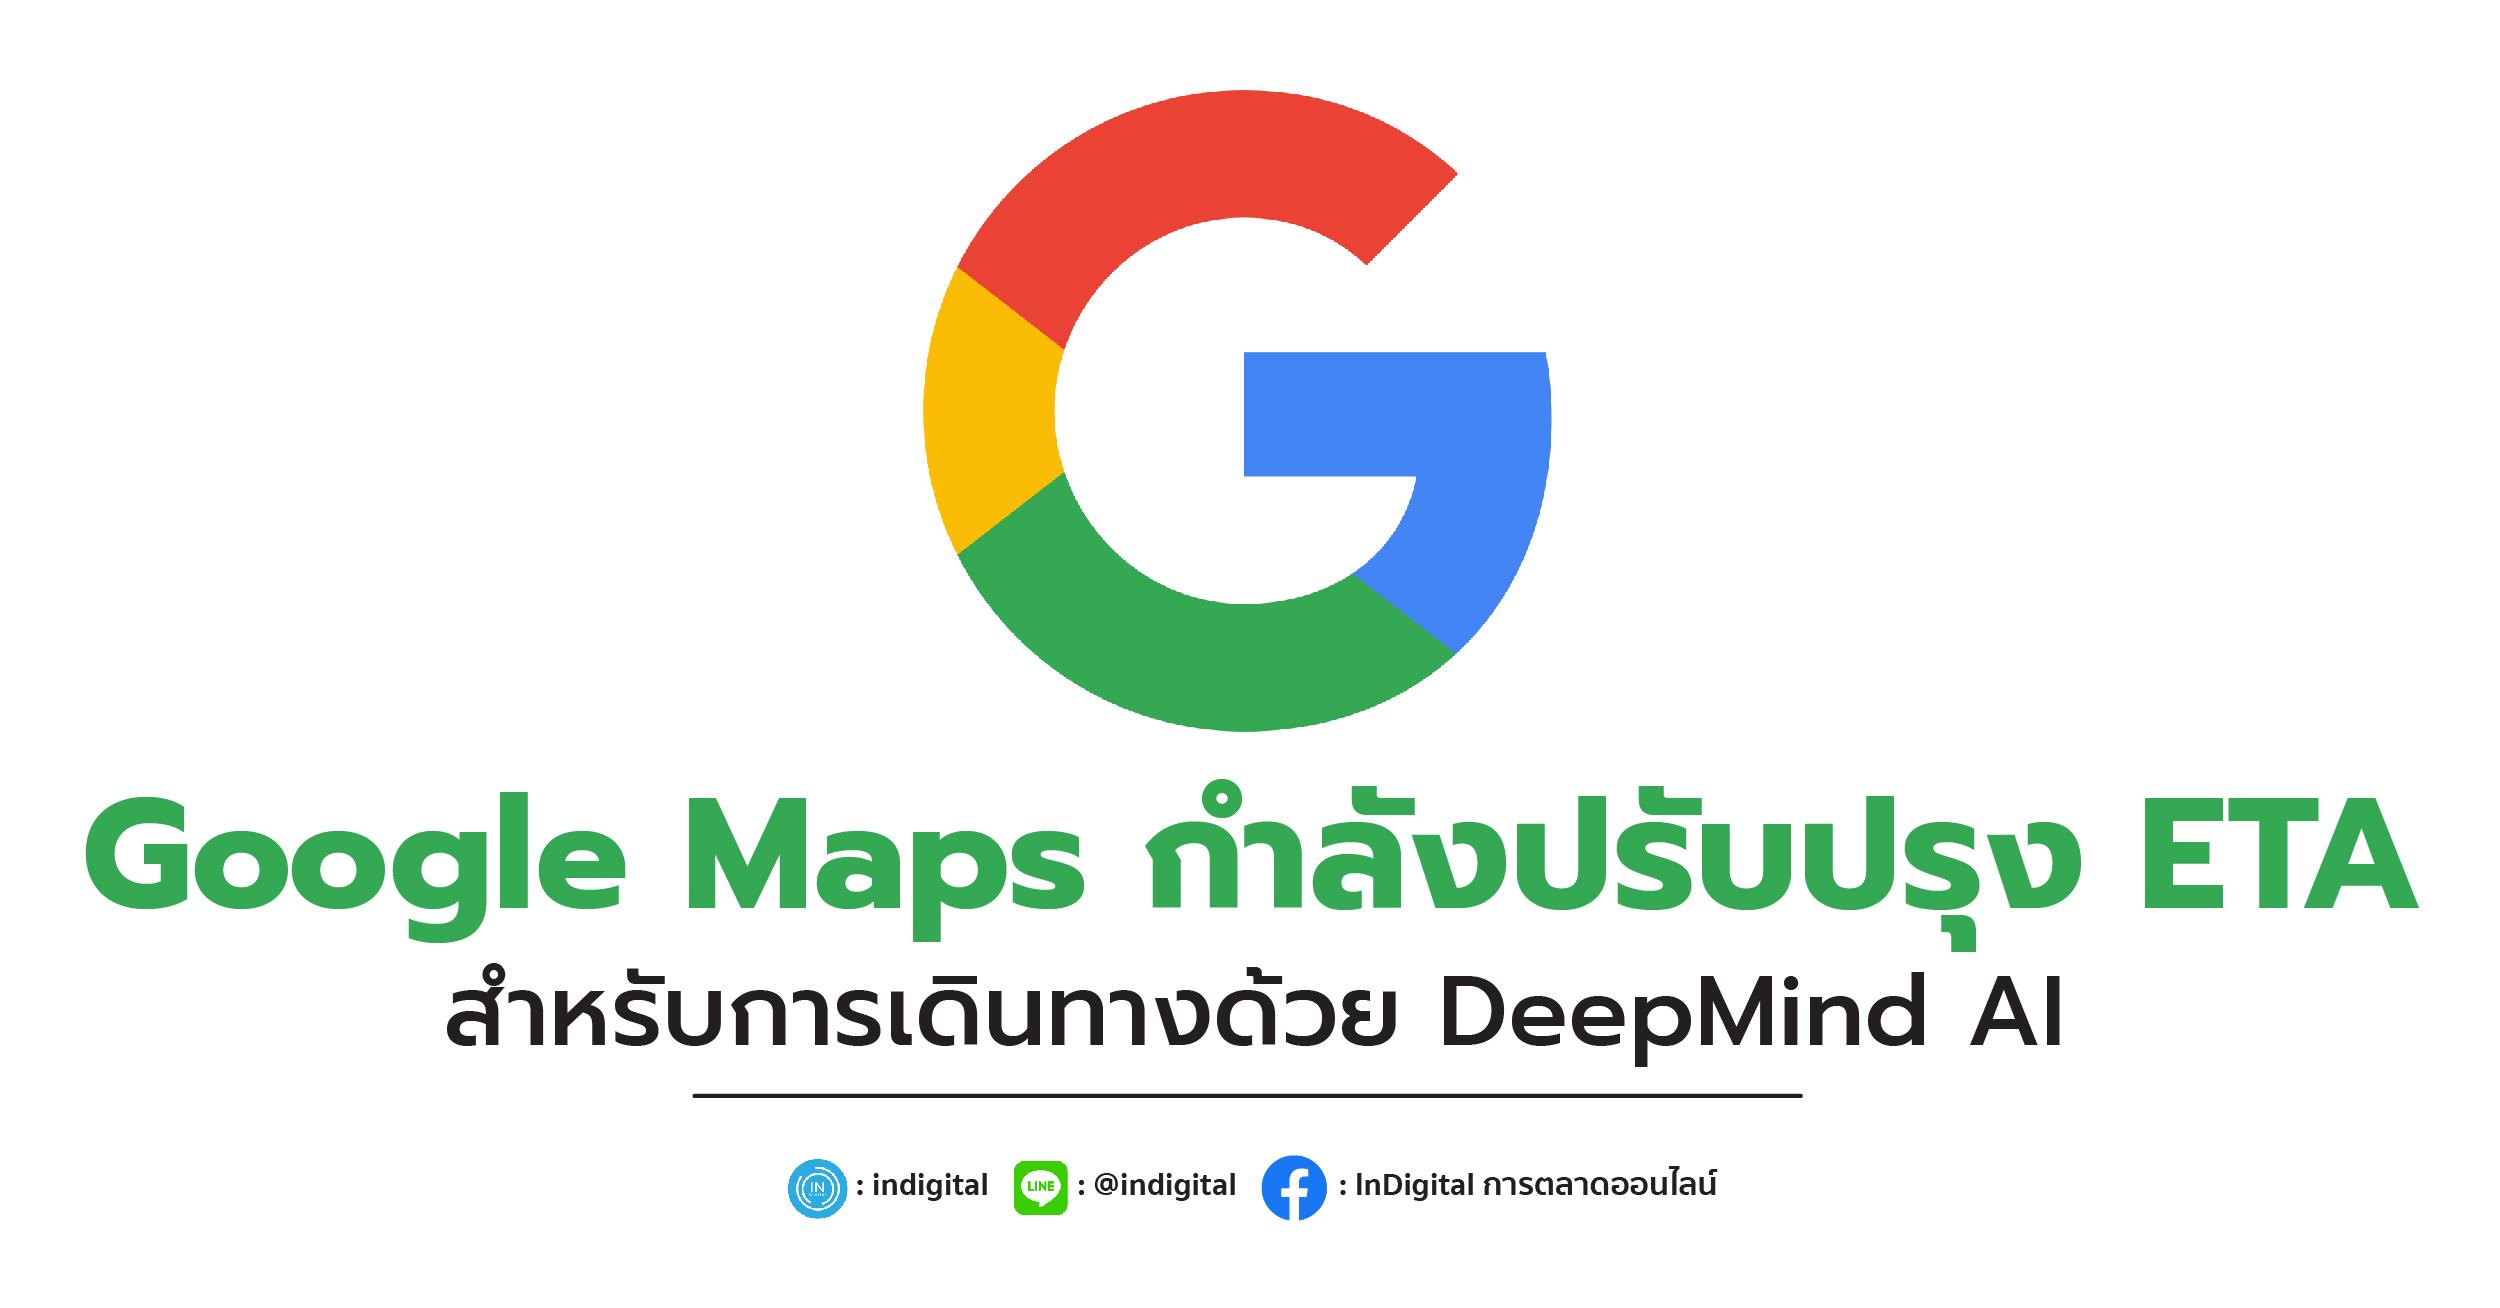 Google Maps กำลังปรับปรุง ETA สำหรับการเดินทางด้วย DeepMind AI